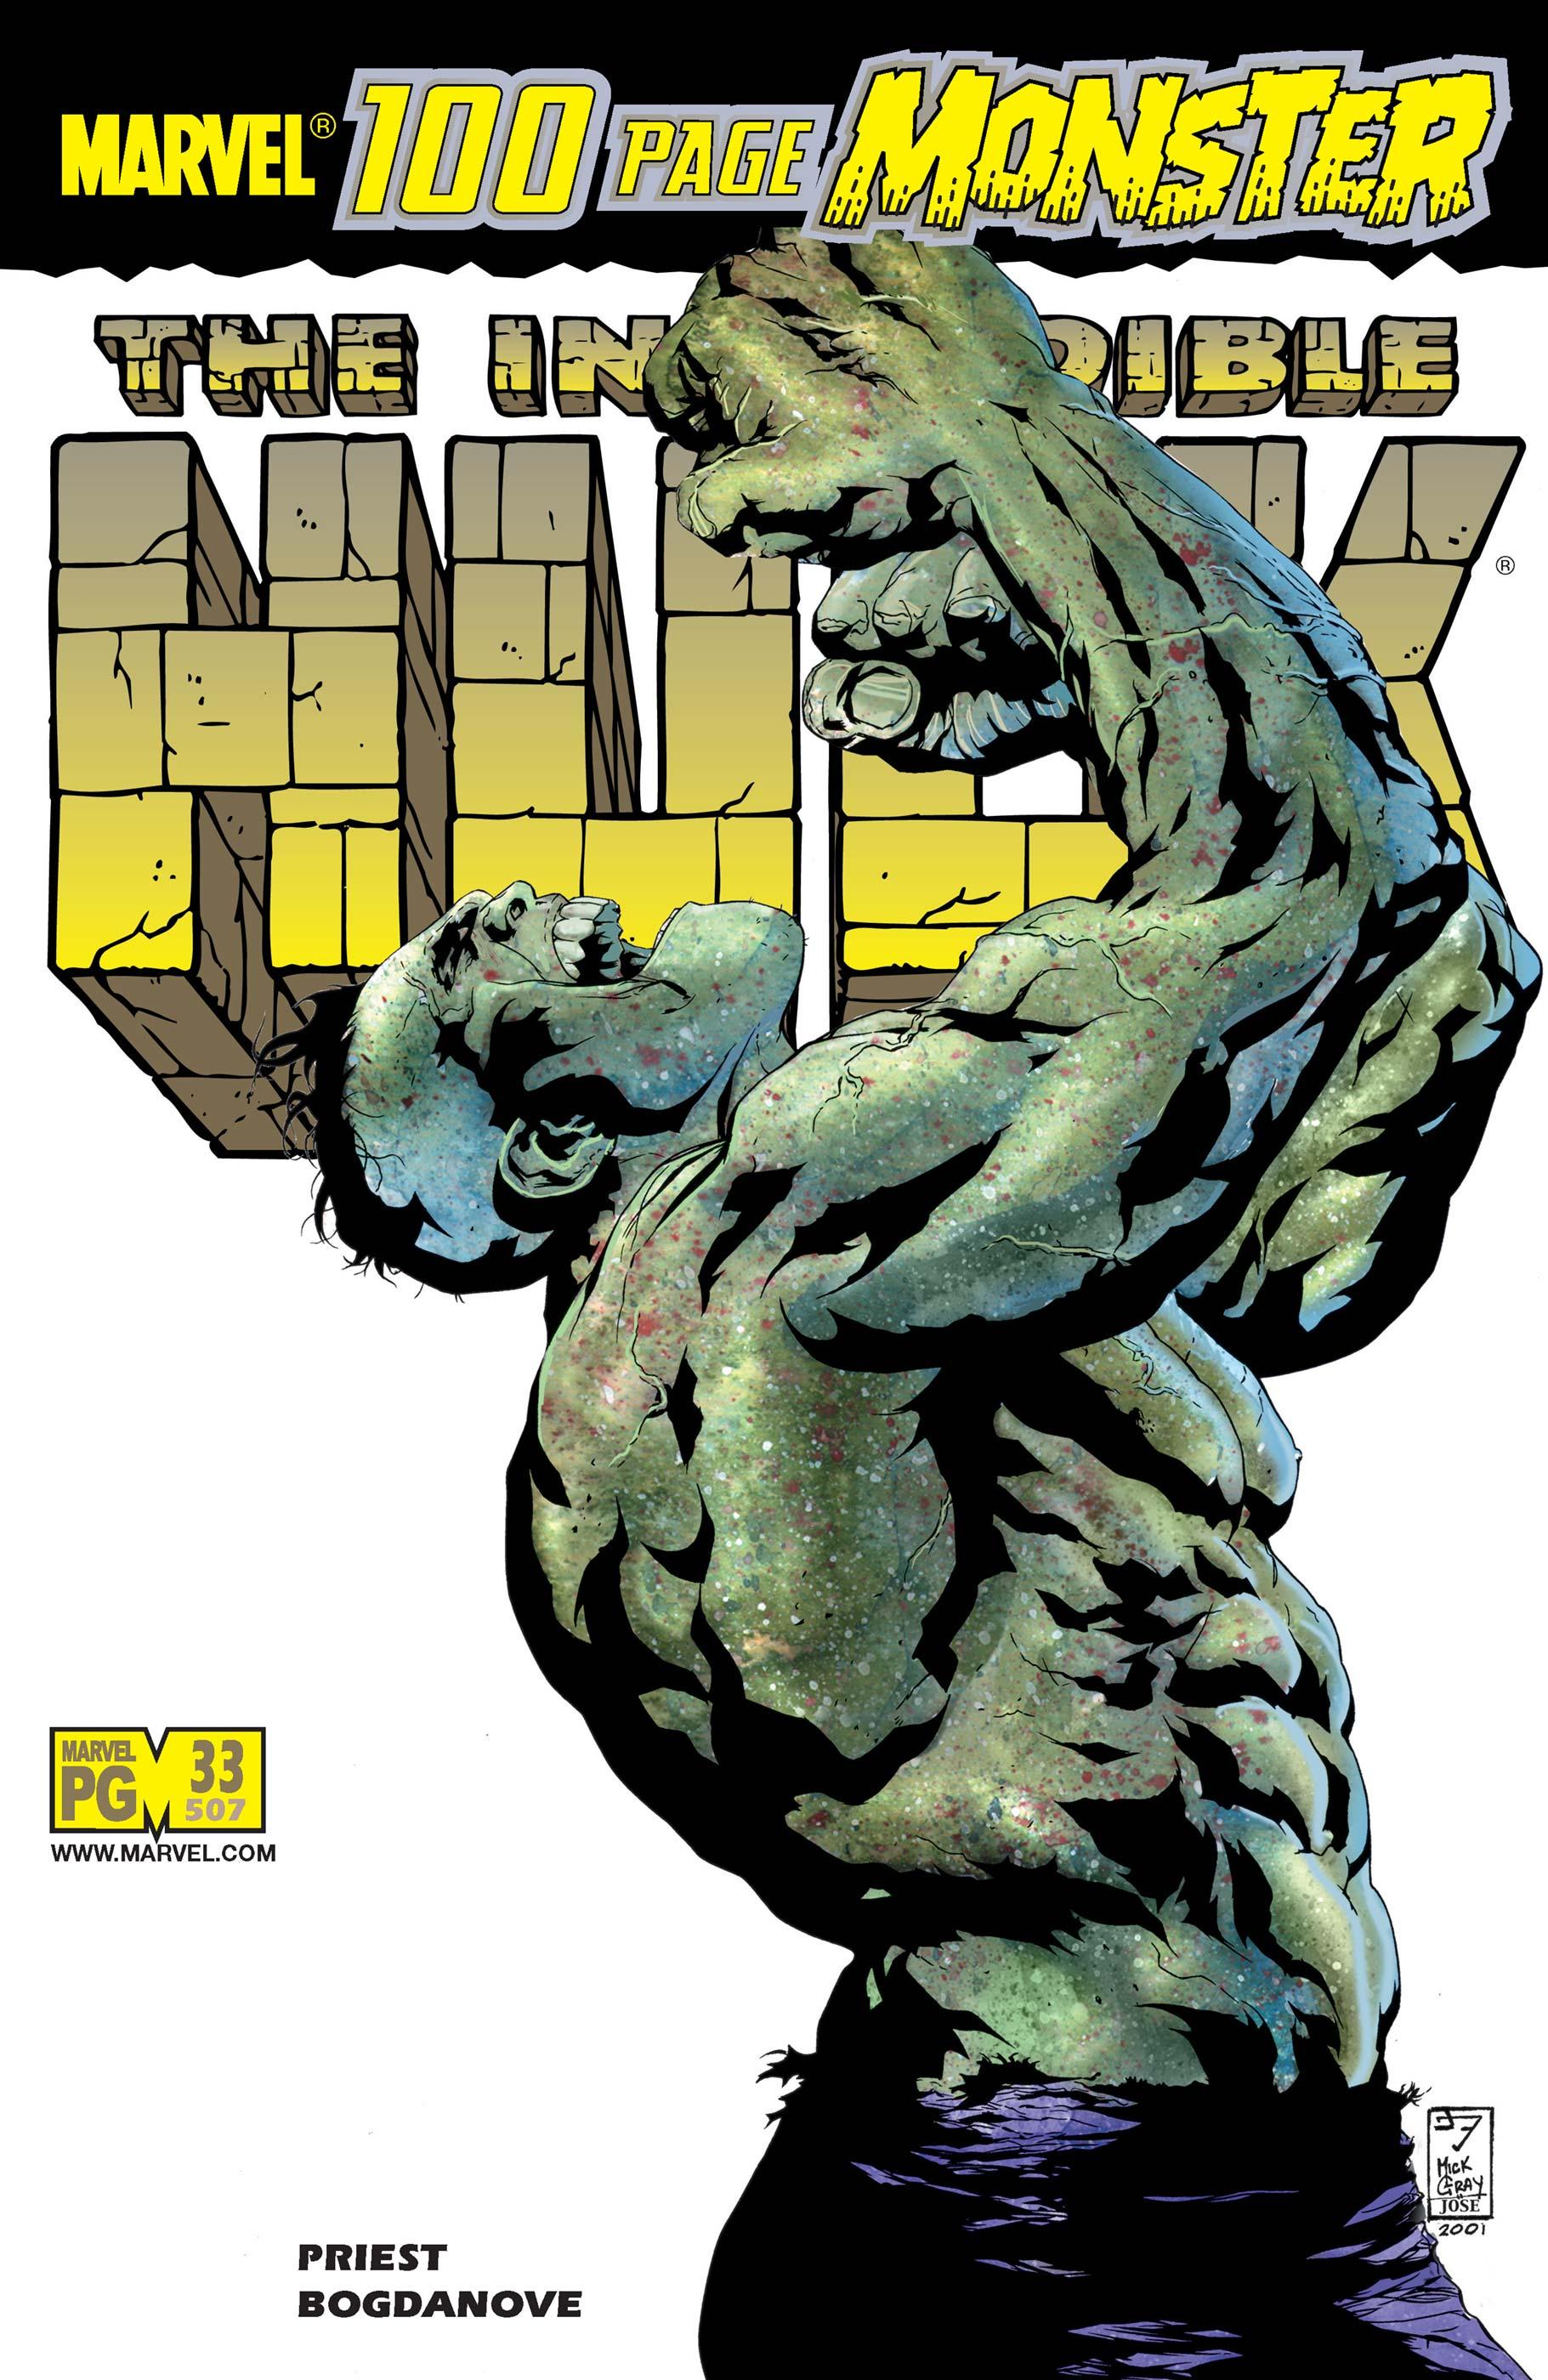 Hulk (1999) #33